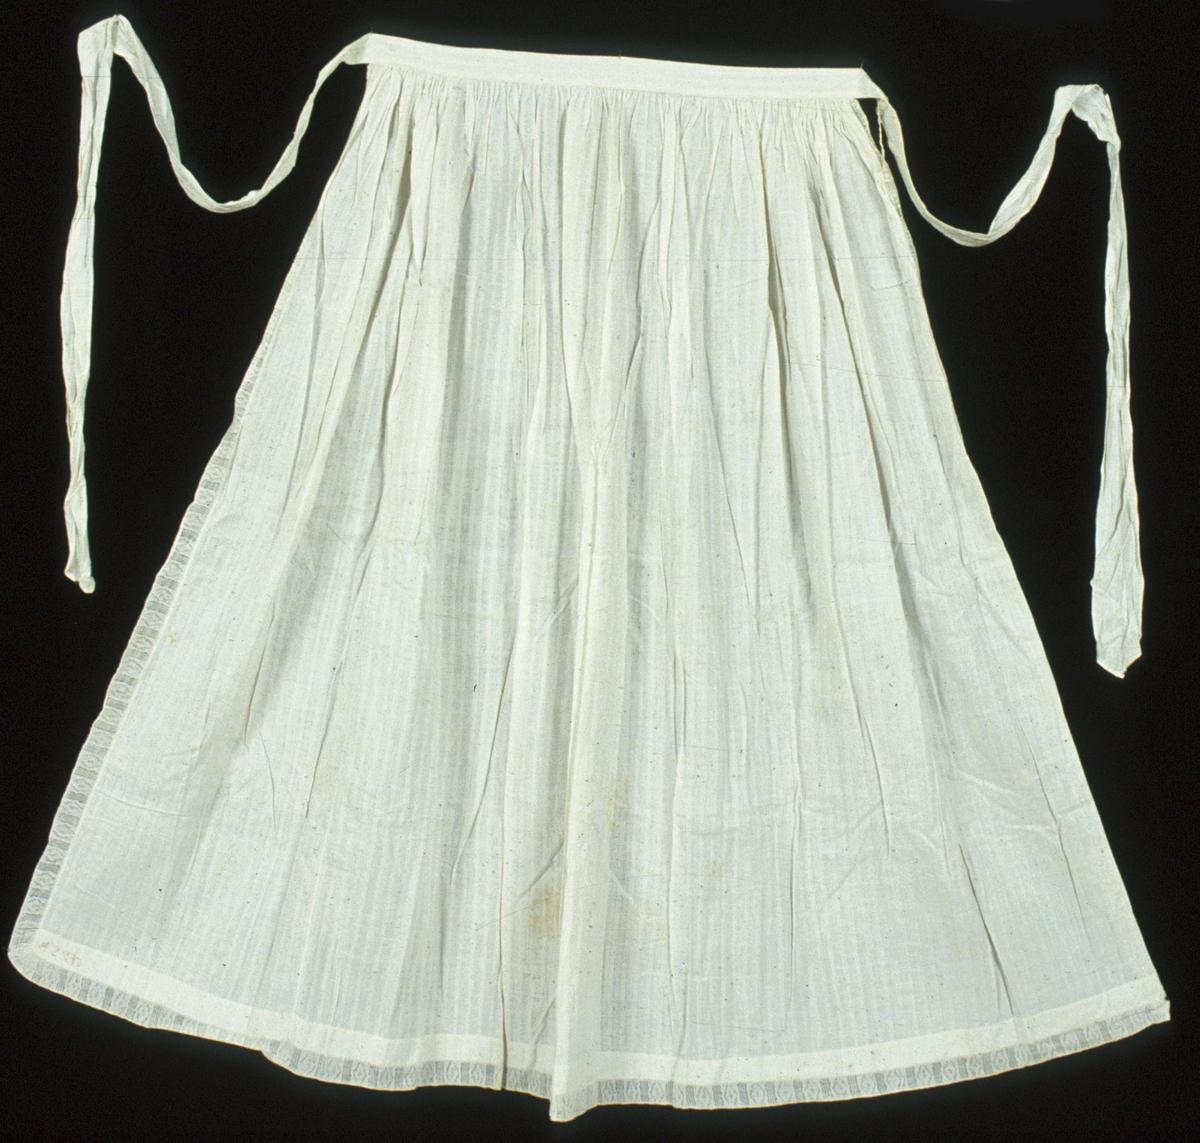 """Vitt förkläde i bomull. Tyget är mönstervävt med ränder vitt-i-vitt i kypert och ?-bindning. Längs sidorna och nedtill är förklädet dekorerat med en påsydd 22 mm bred, vävd vit spets. Förklädet är rynkat mot linningen, upptill är bredden 445 mm. Linningen fortsätter utanför förklädet i 150 mm på var sida och utgör början av knytbanden. Knytbanden är sydda i samma tyg och är ca 1230 mm långa och i den förlängda delen 70 mm breda. Förklädet är sytt av två olika stora stycken med en söm 260 mm innanför ena långsidan. Fållarna innanför spetsen är mycket smala i sidorna och 25 mm bred nedtill. Både hand- och maskinsydda sömmar. Broderad märkning i korsstygn i rött: """"N 25 B"""" nedtill på fållens insida."""